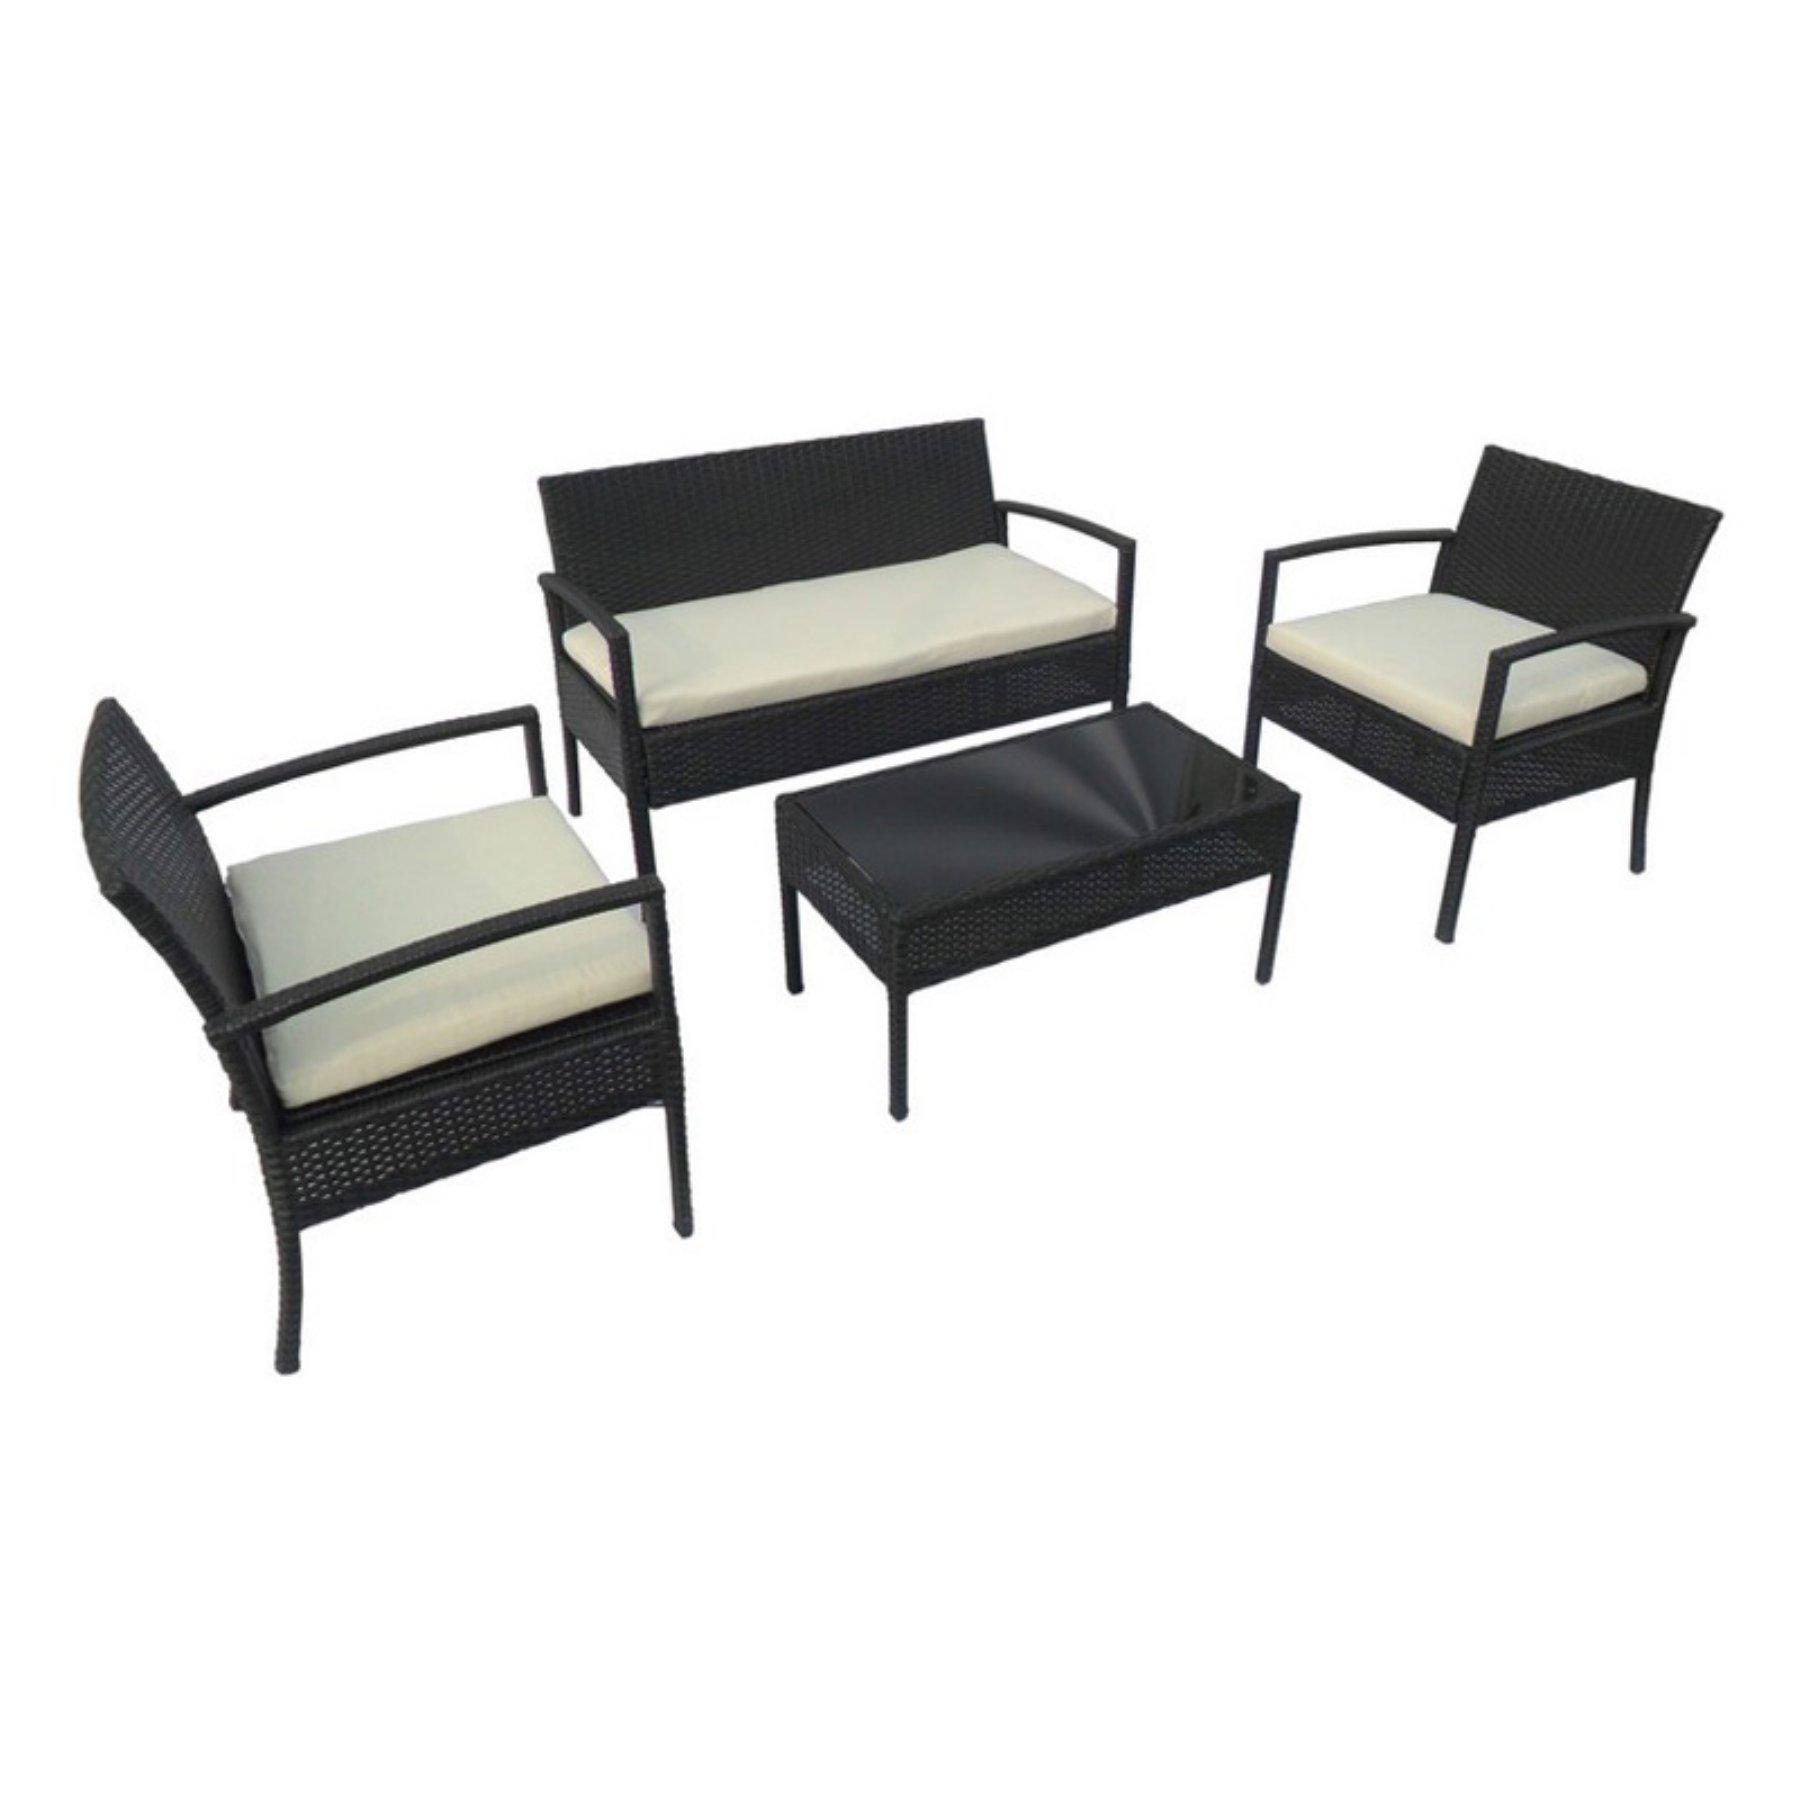 Outdoor Aleko Products Linosa Rattan Wicker 4 Piece Patio Conversation